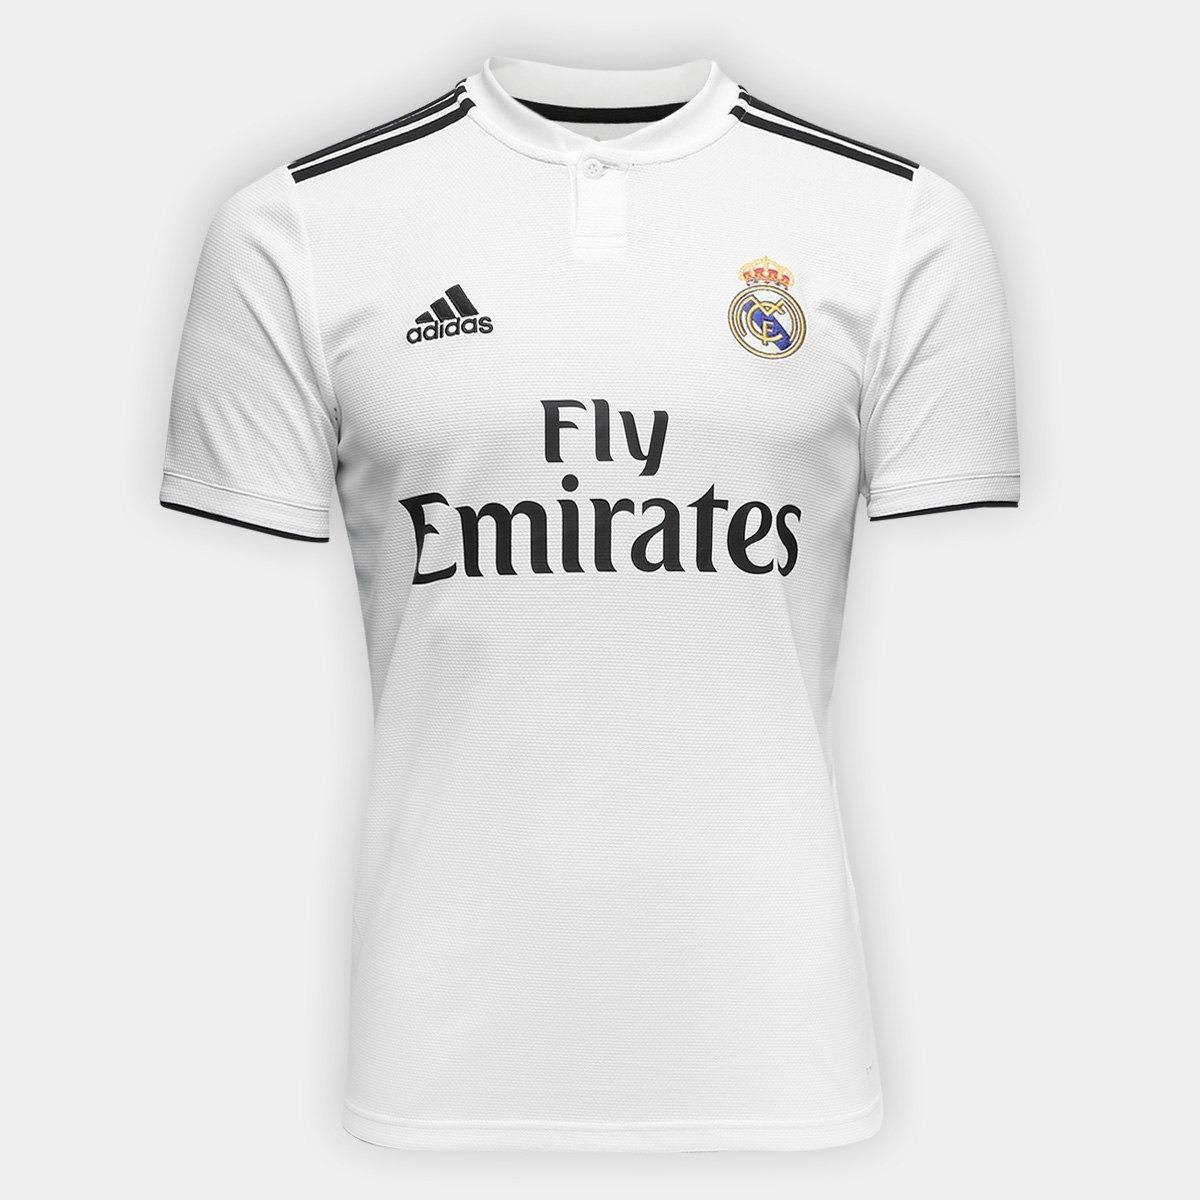 2703e000d1fb8 camisa real madrid oficial 2018 2019 original adidas. Carregando zoom.